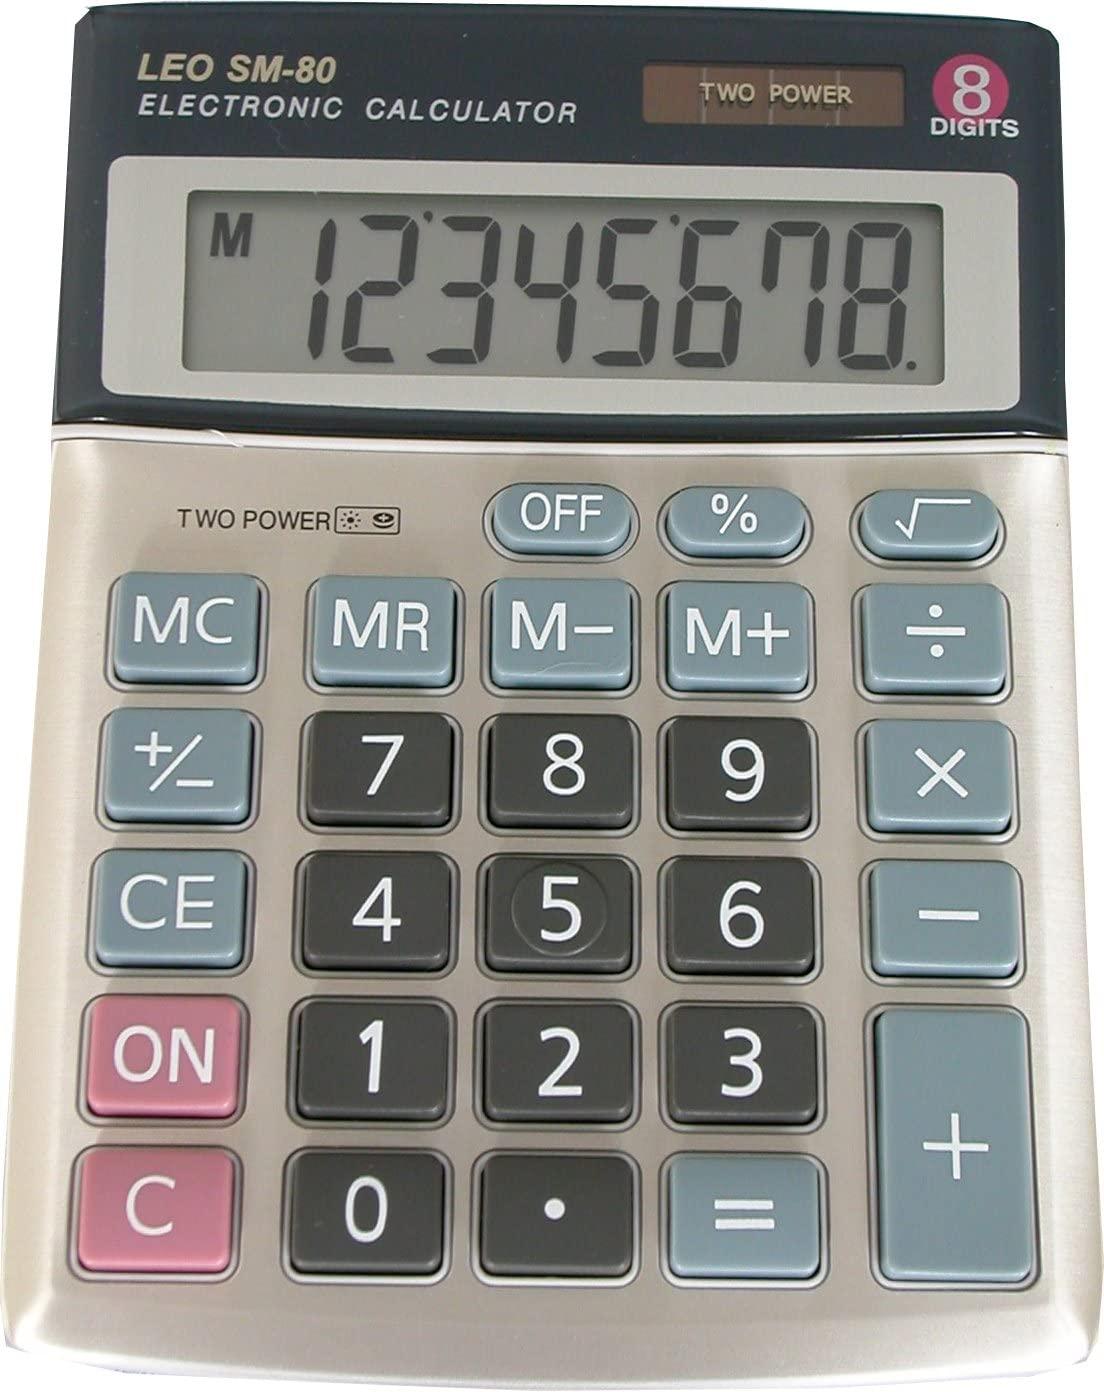 LEO SM-80 Taschenrechner, 8-stellig, LCD Display, two Power, 4 Speichertasten